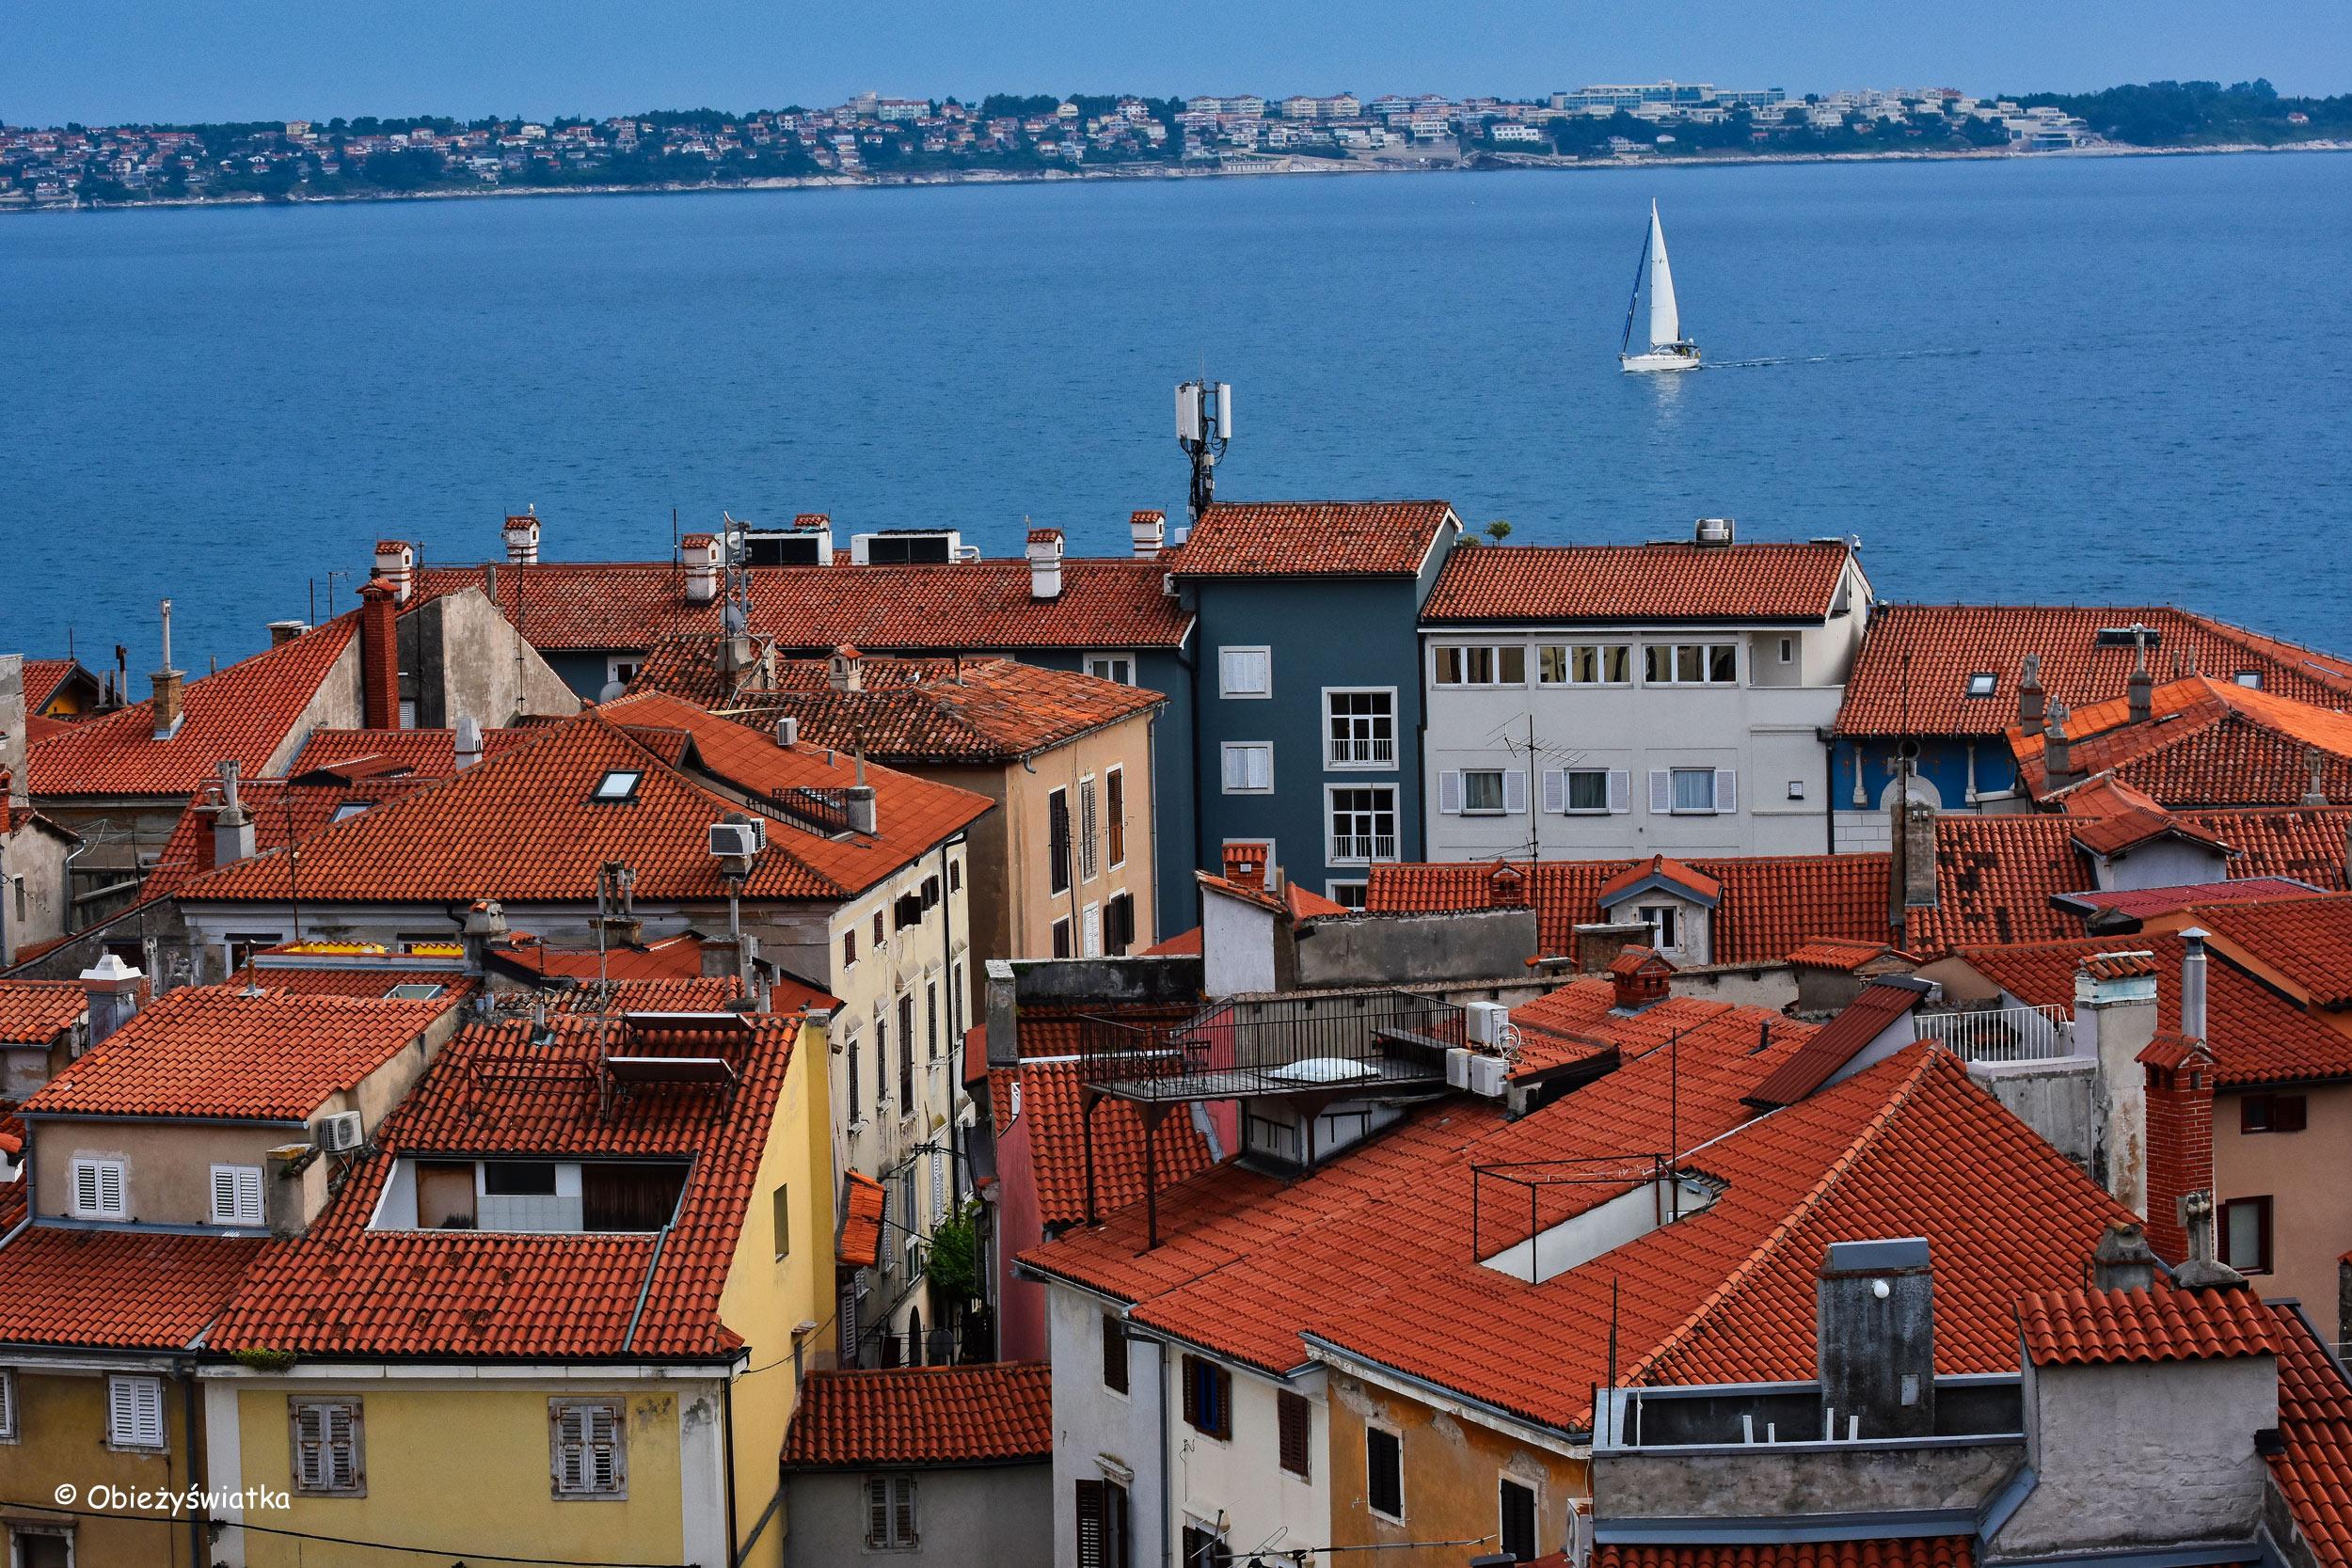 Ceglasty kolor dachu i błękit morza, Piran, Słowenia